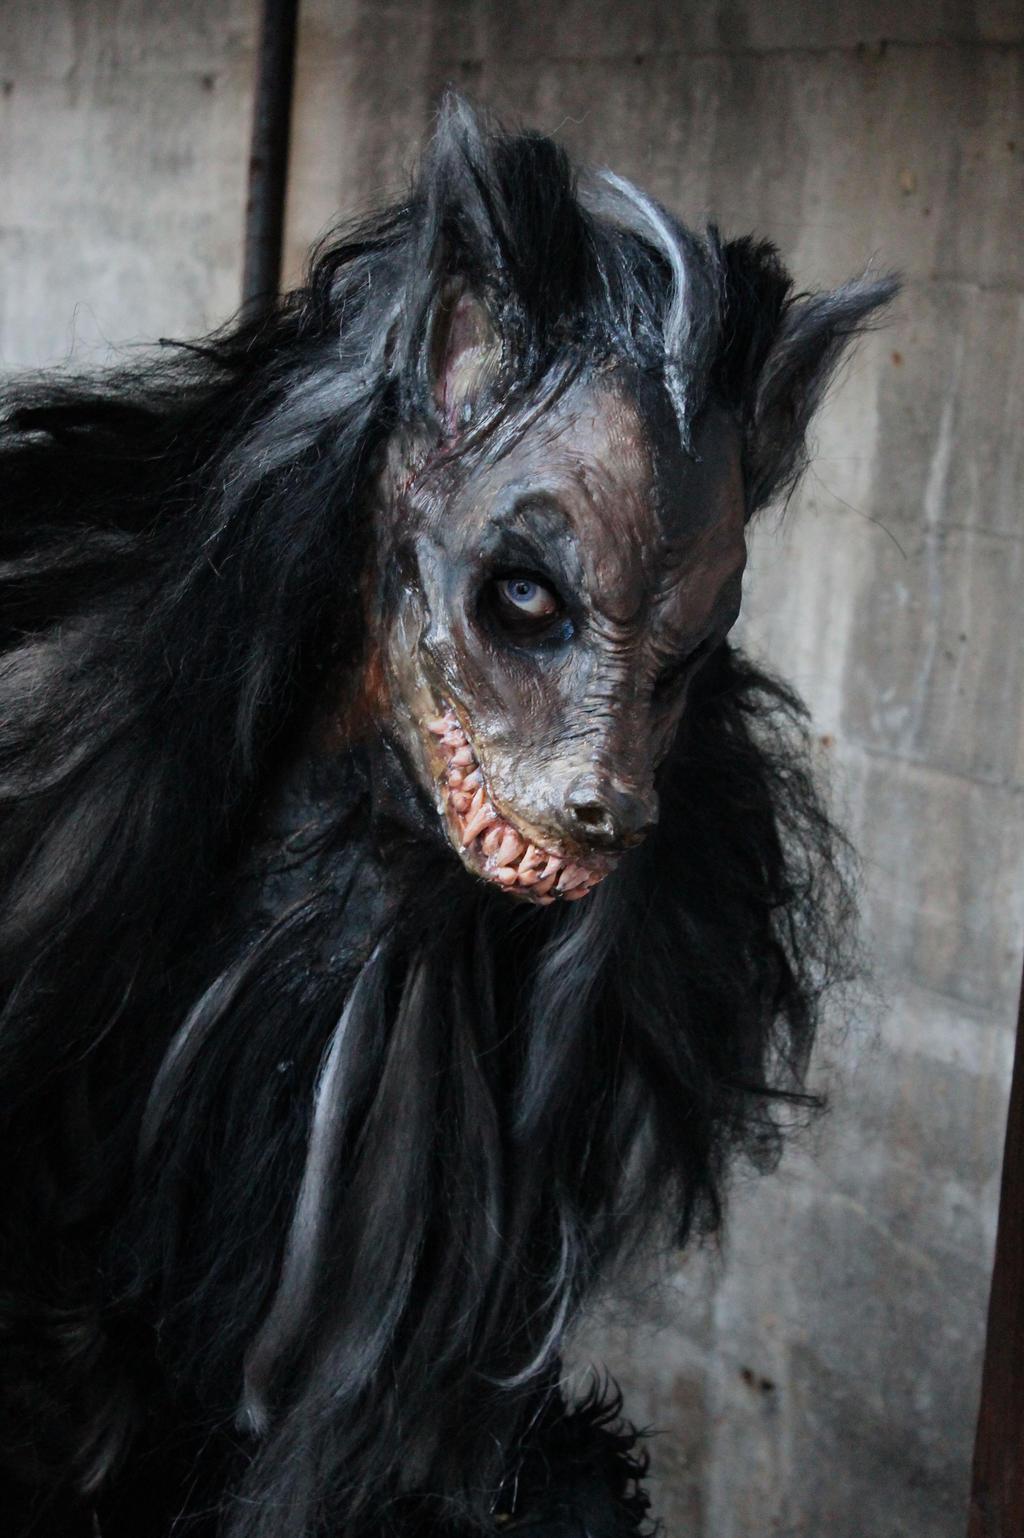 Demented Werewolf 2